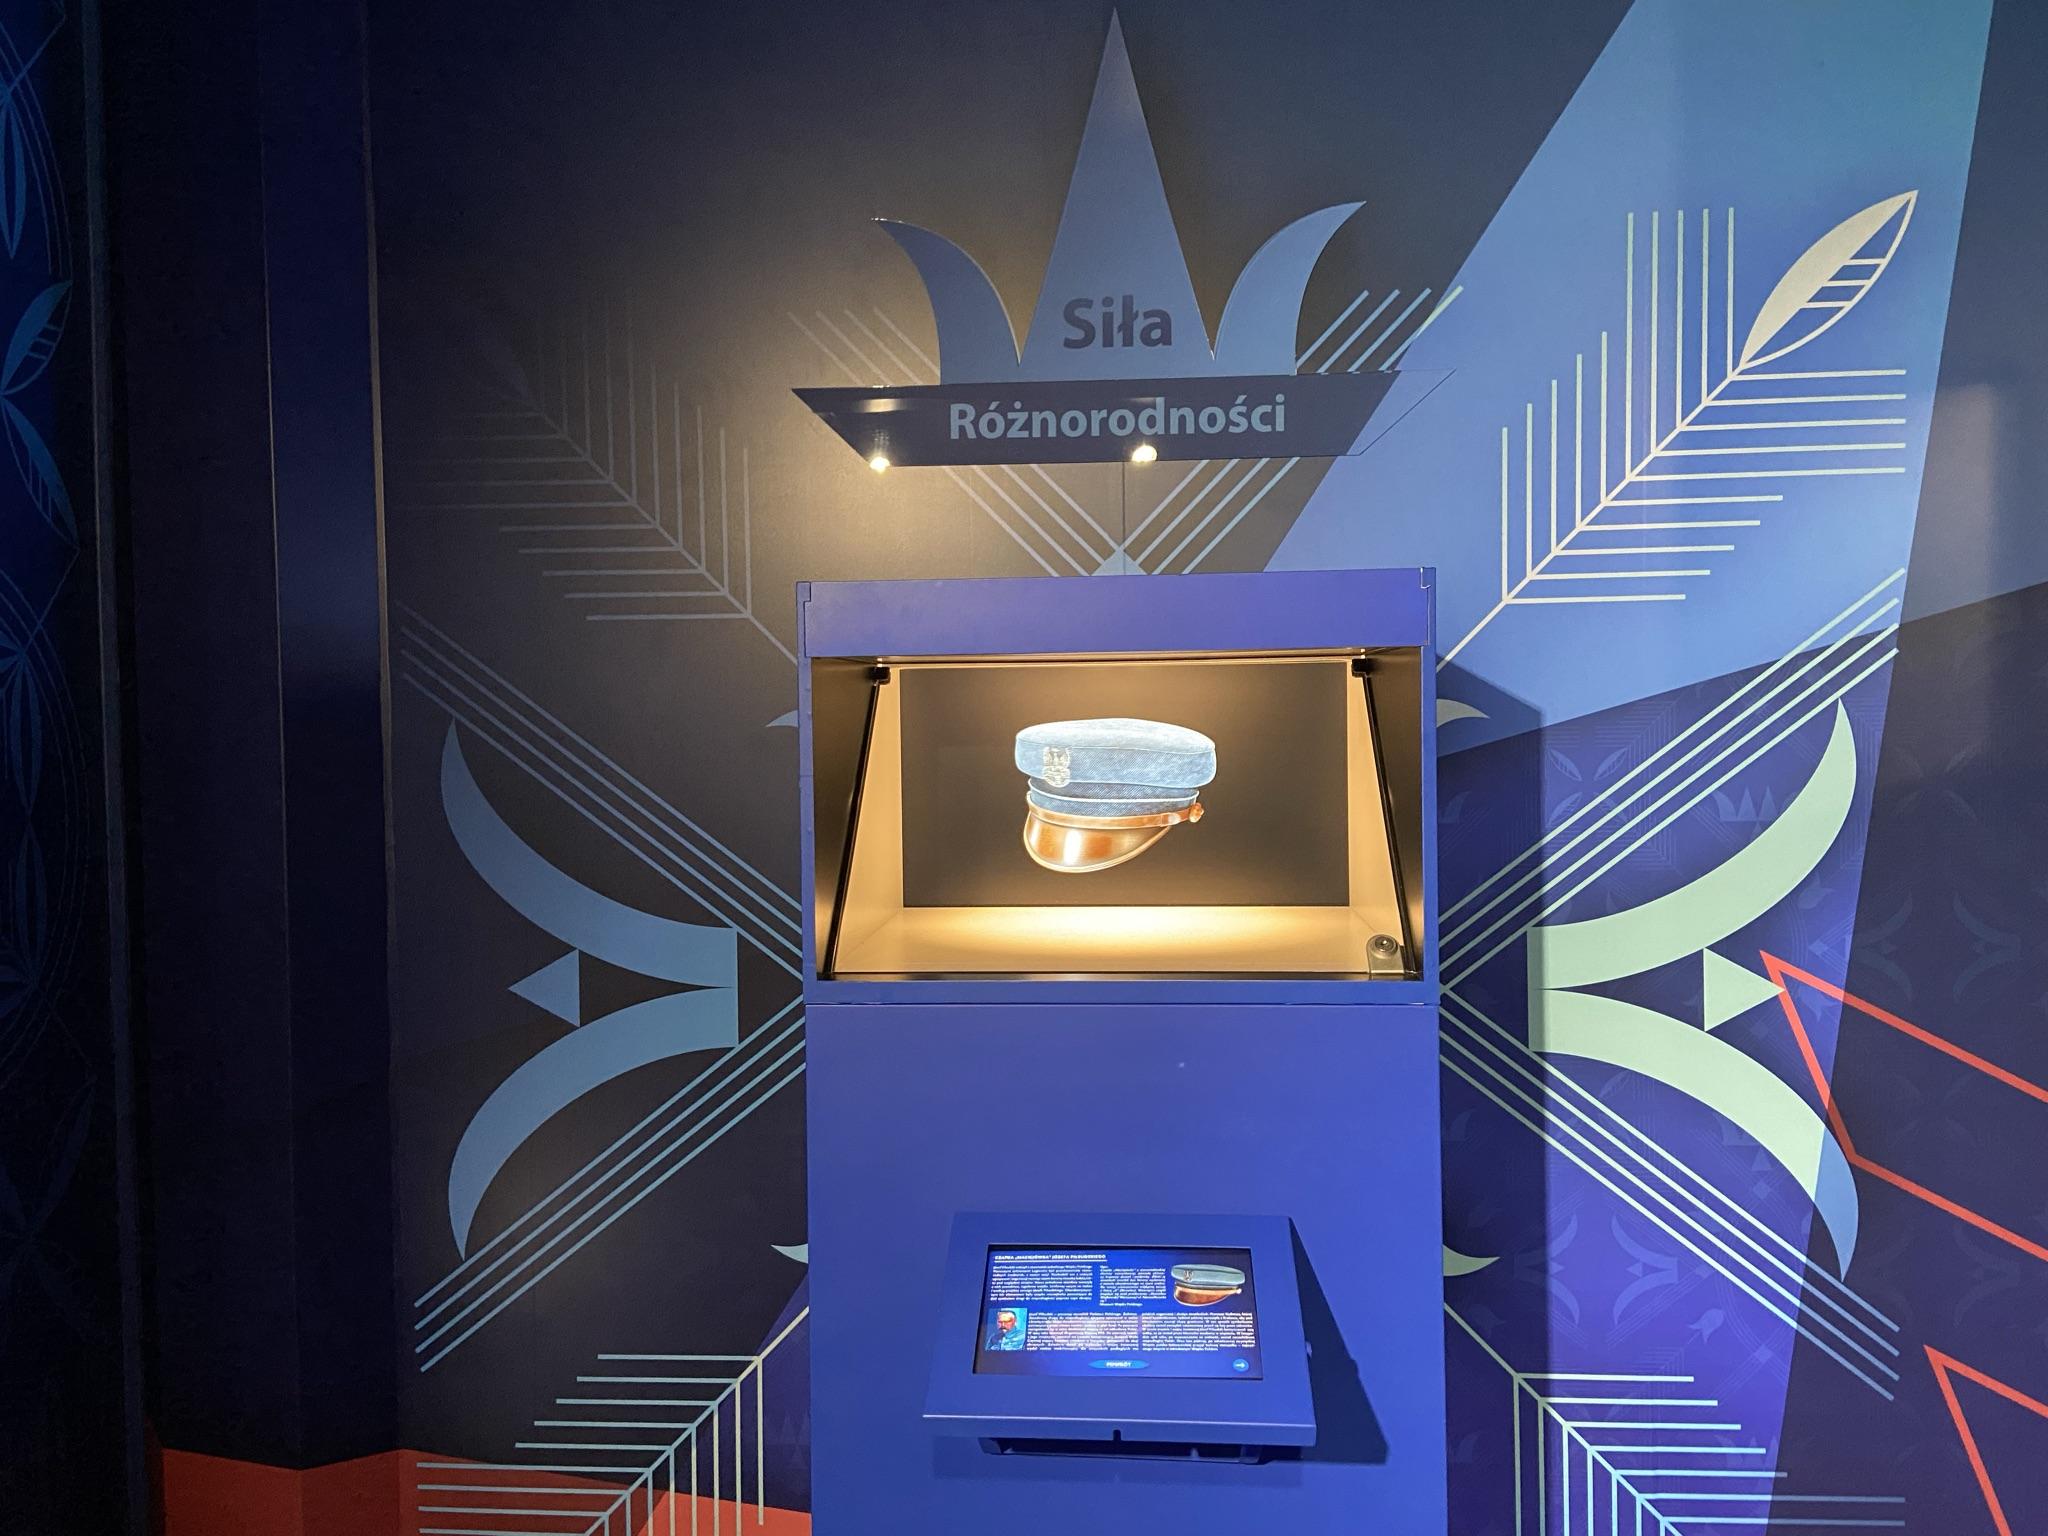 zdjęcie ukazujące ekran multimedialny i fragment dekoracji graficznej wnętrza tira